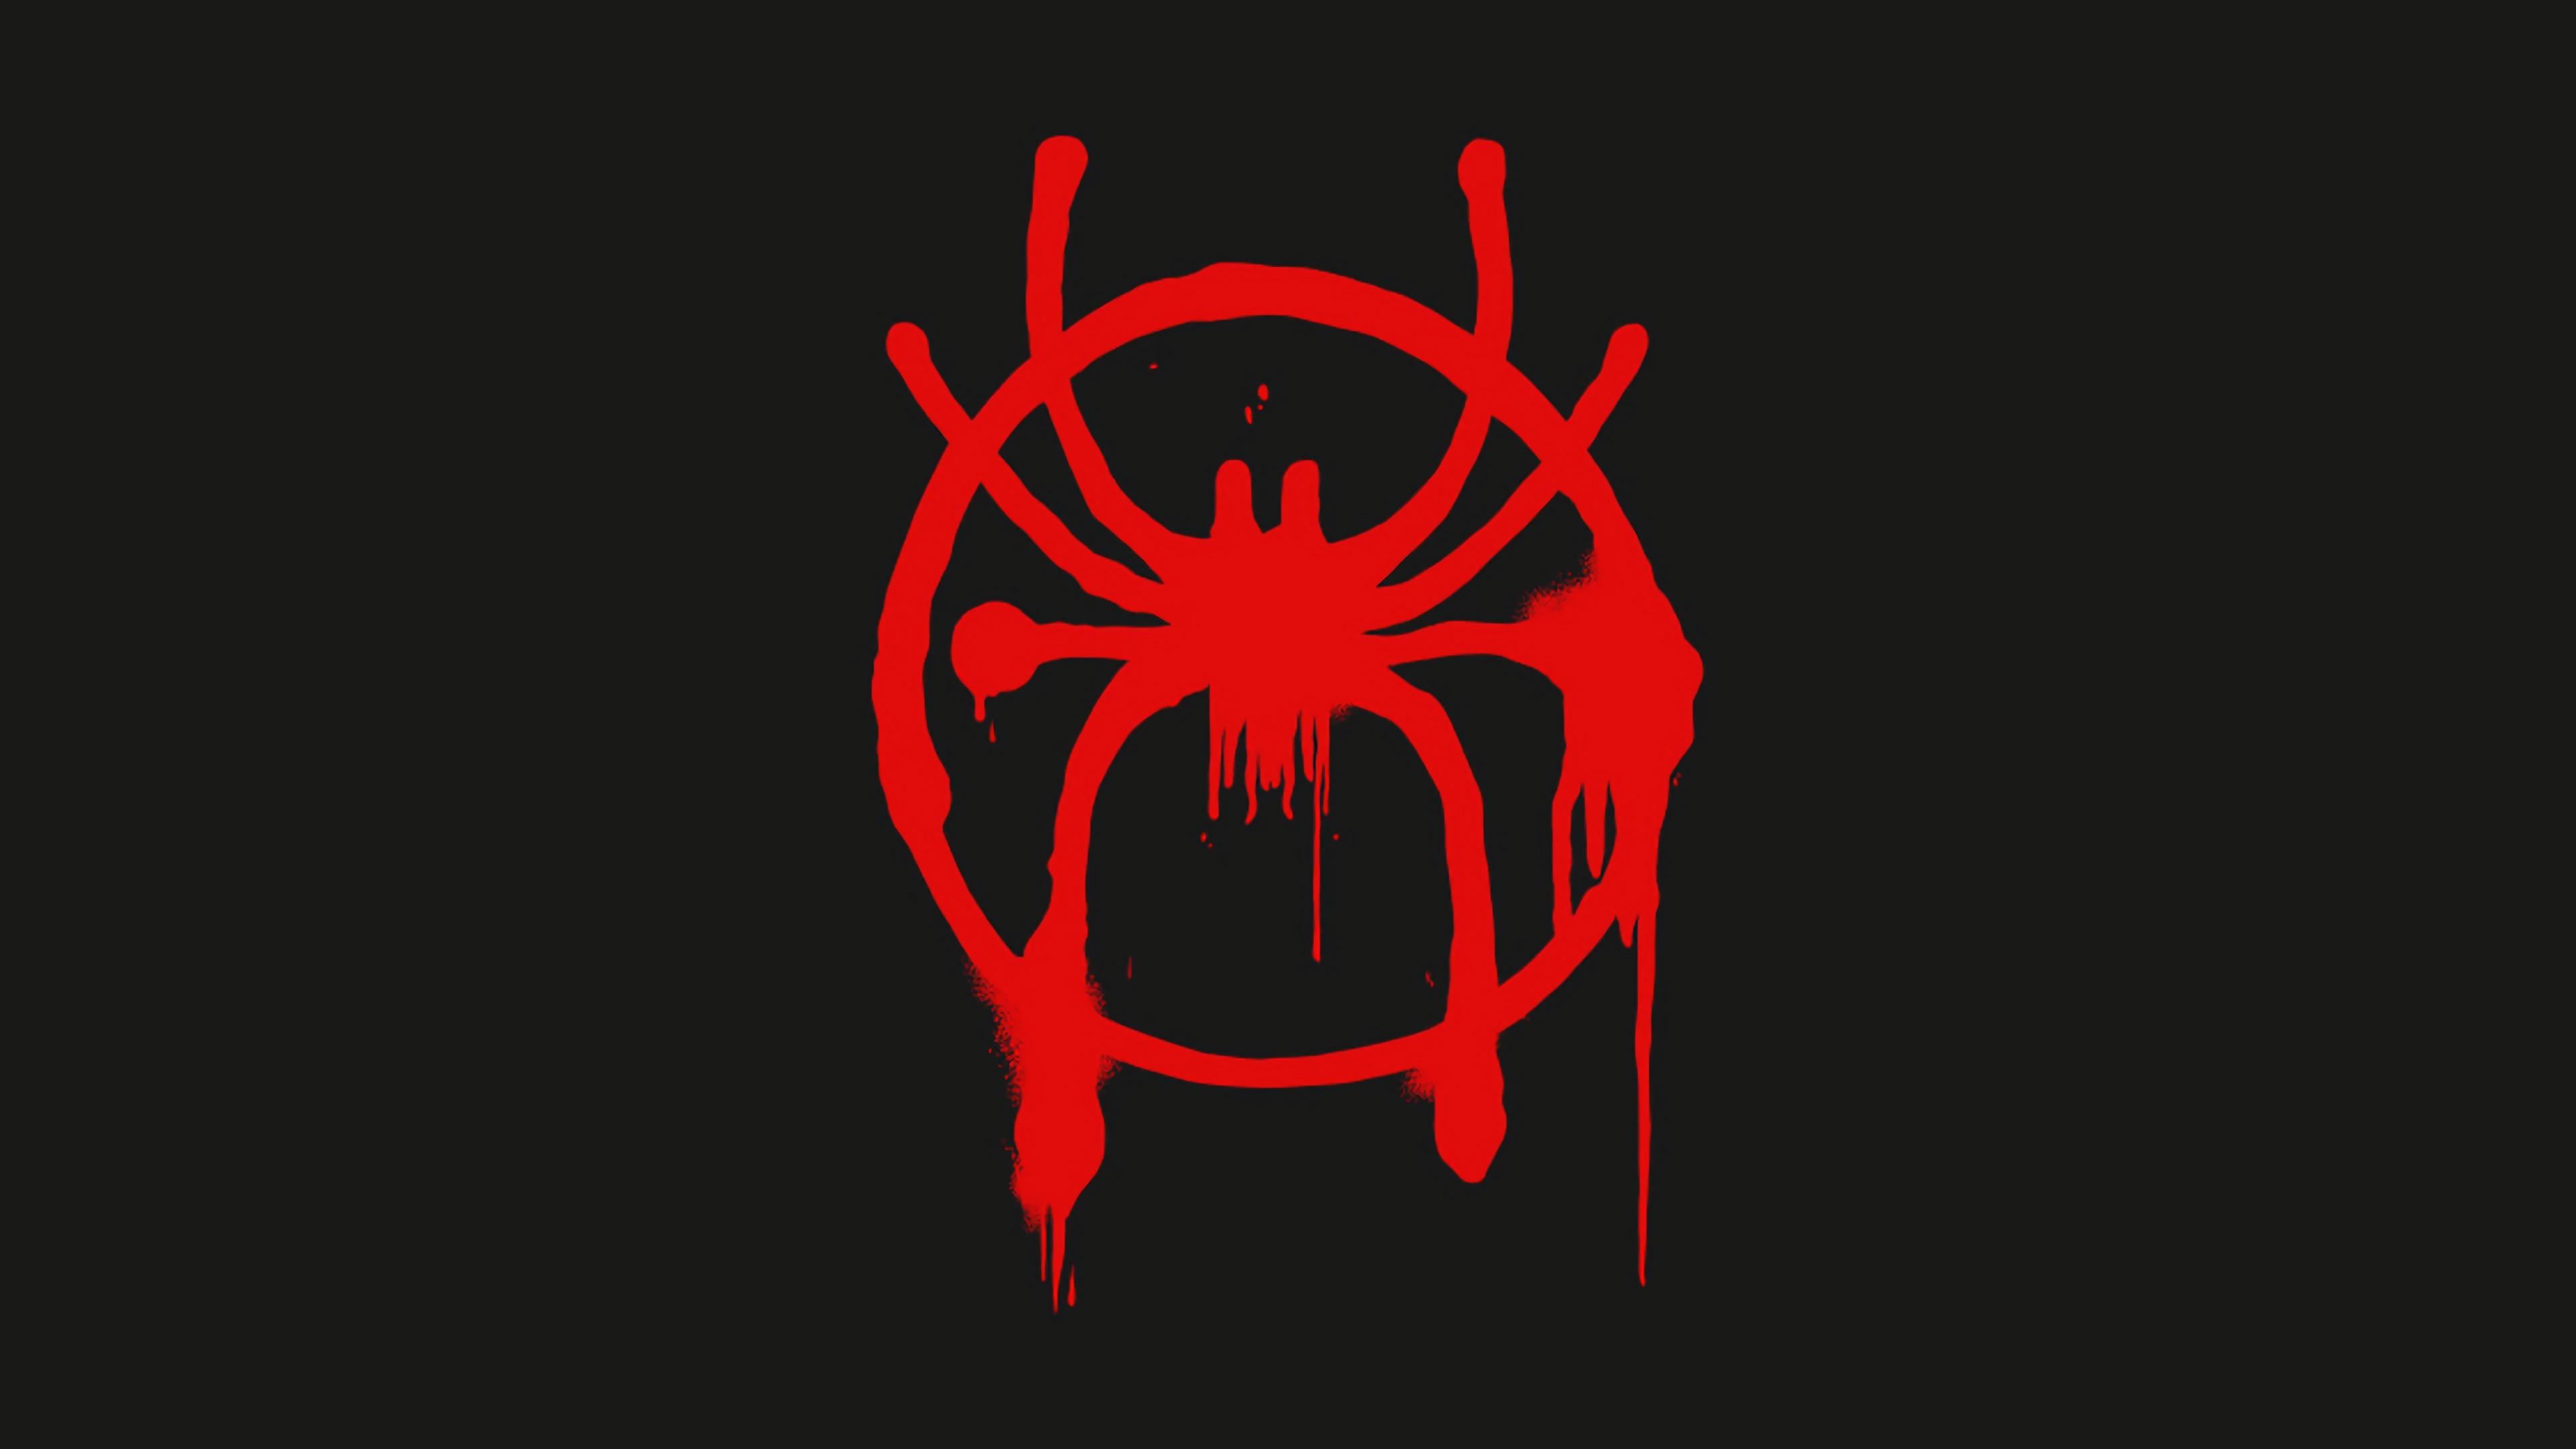 Fondos De Pantalla Logotipo De Spiderman Imagen Artística